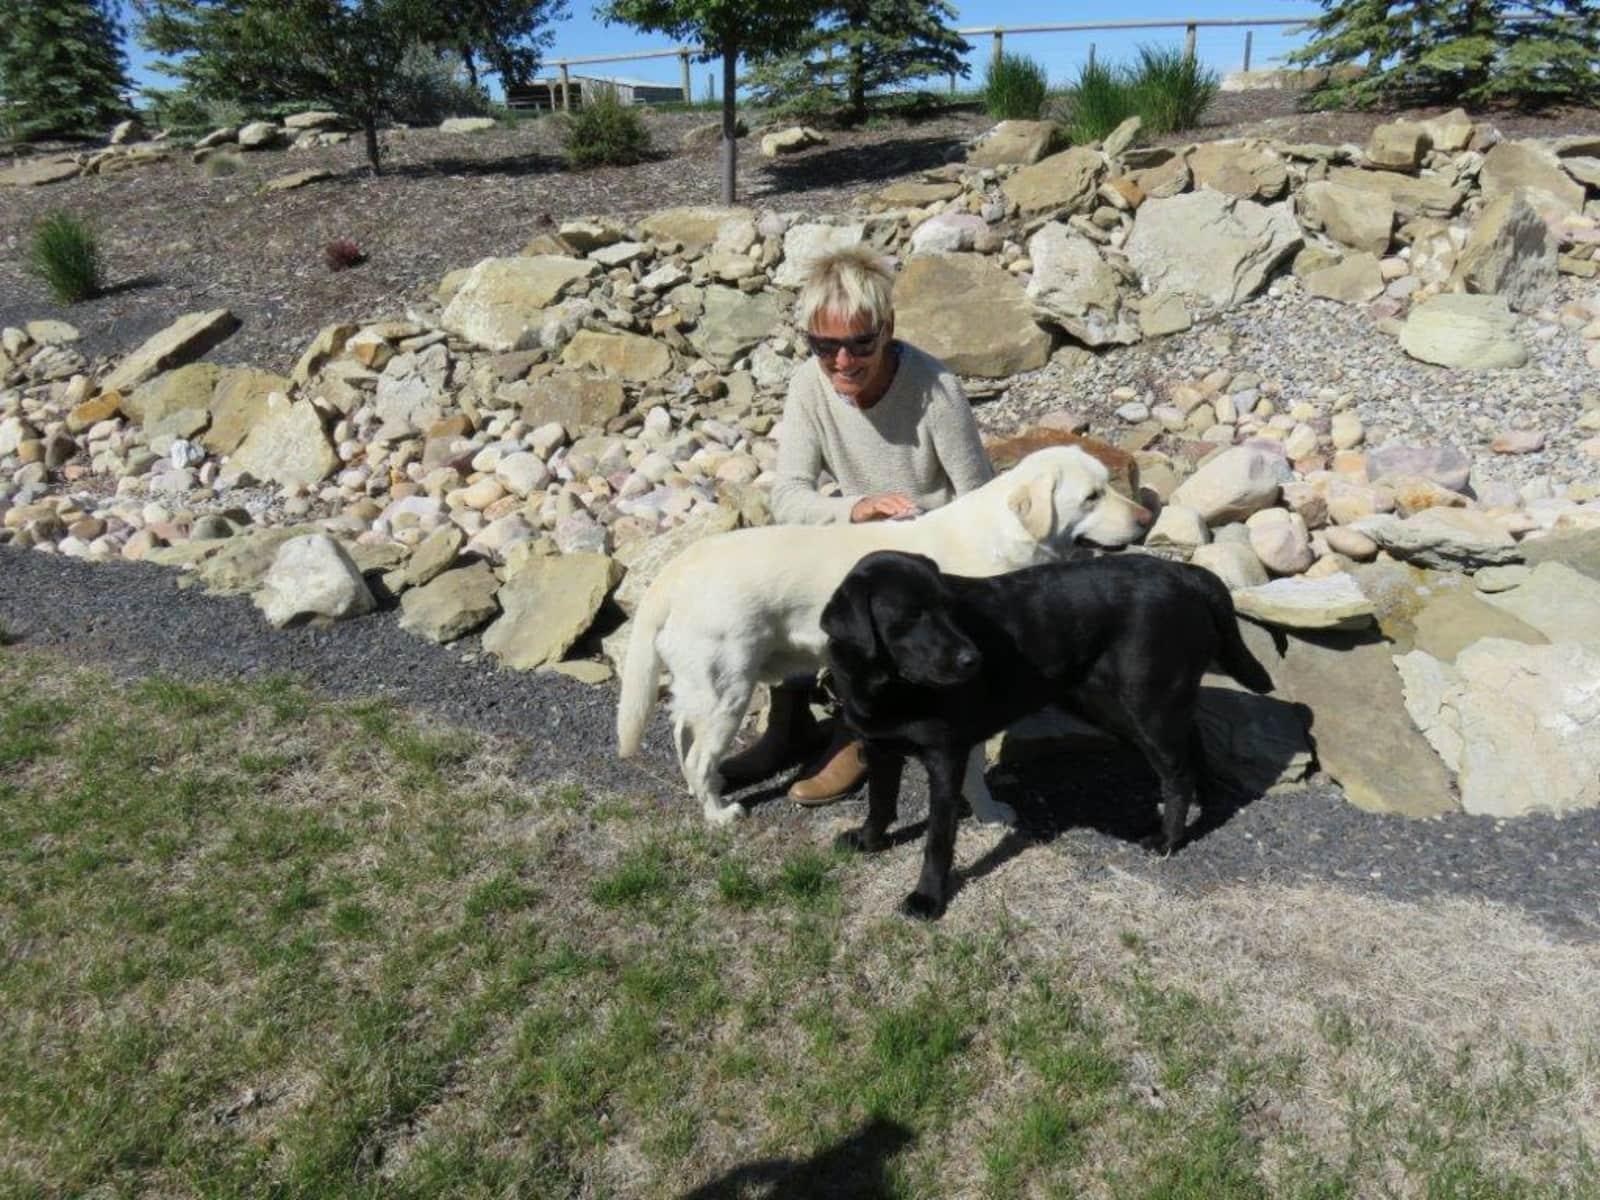 Vikki from Calgary, Alberta, Canada